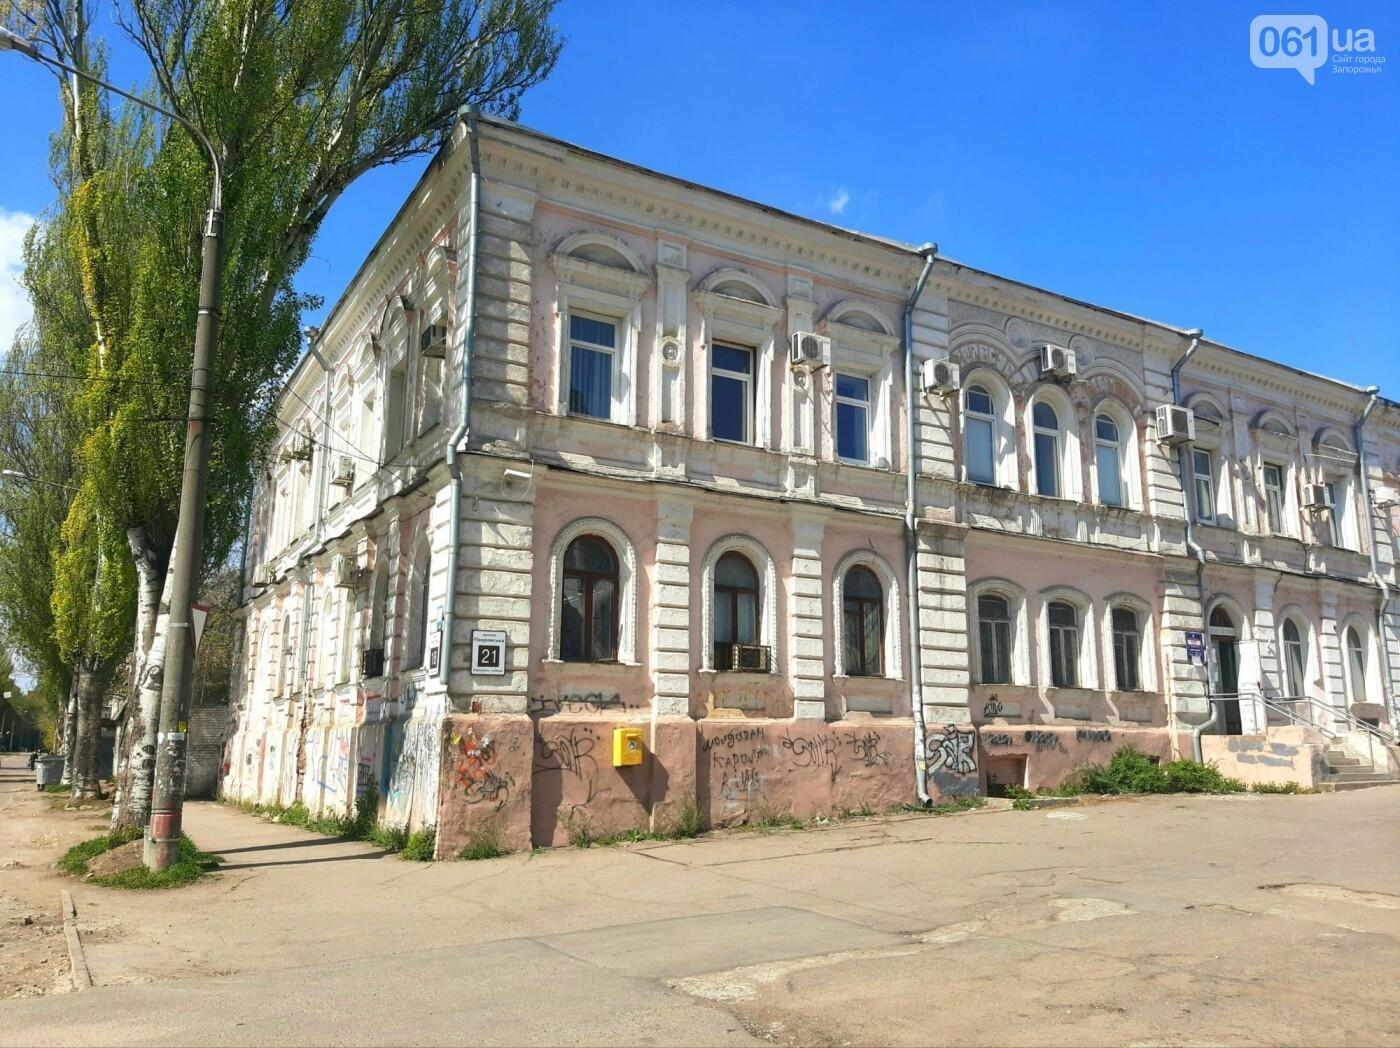 В Госсреестр недвижимых памятников Украины внесли 25 объектов Запорожья - СПИСОК, фото-8